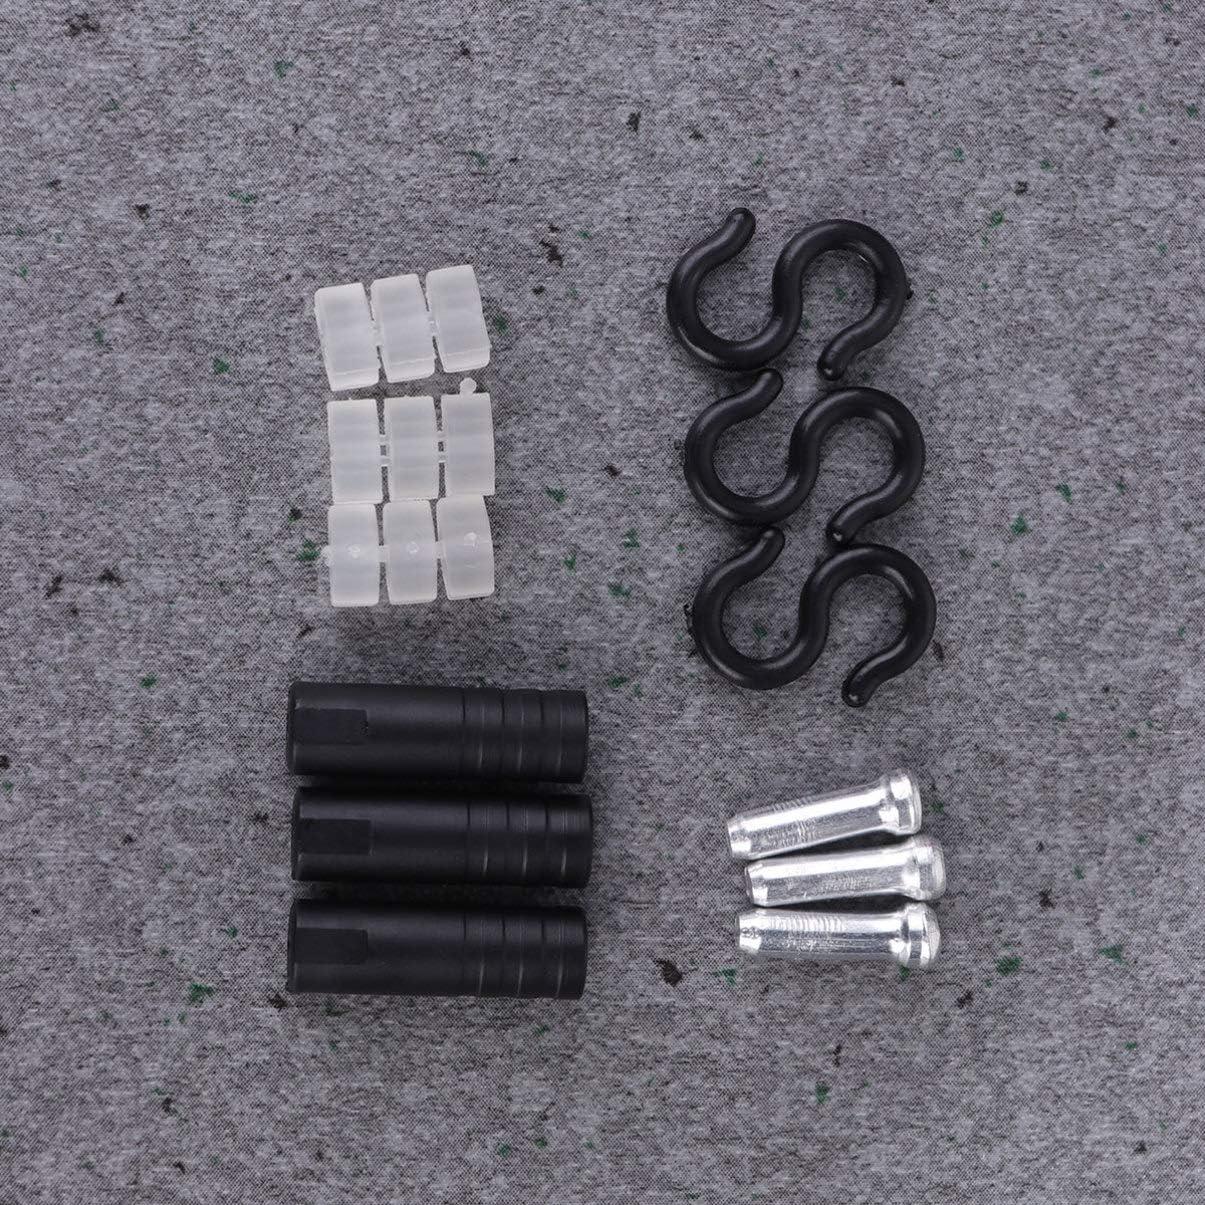 BESPORTBLE 1 Satz rennrad Fahrrad bremsumwerfer Kabel Rohr Variable Geschwindigkeit schaltbremsseil Fixed Gear fahrradbremsleitung